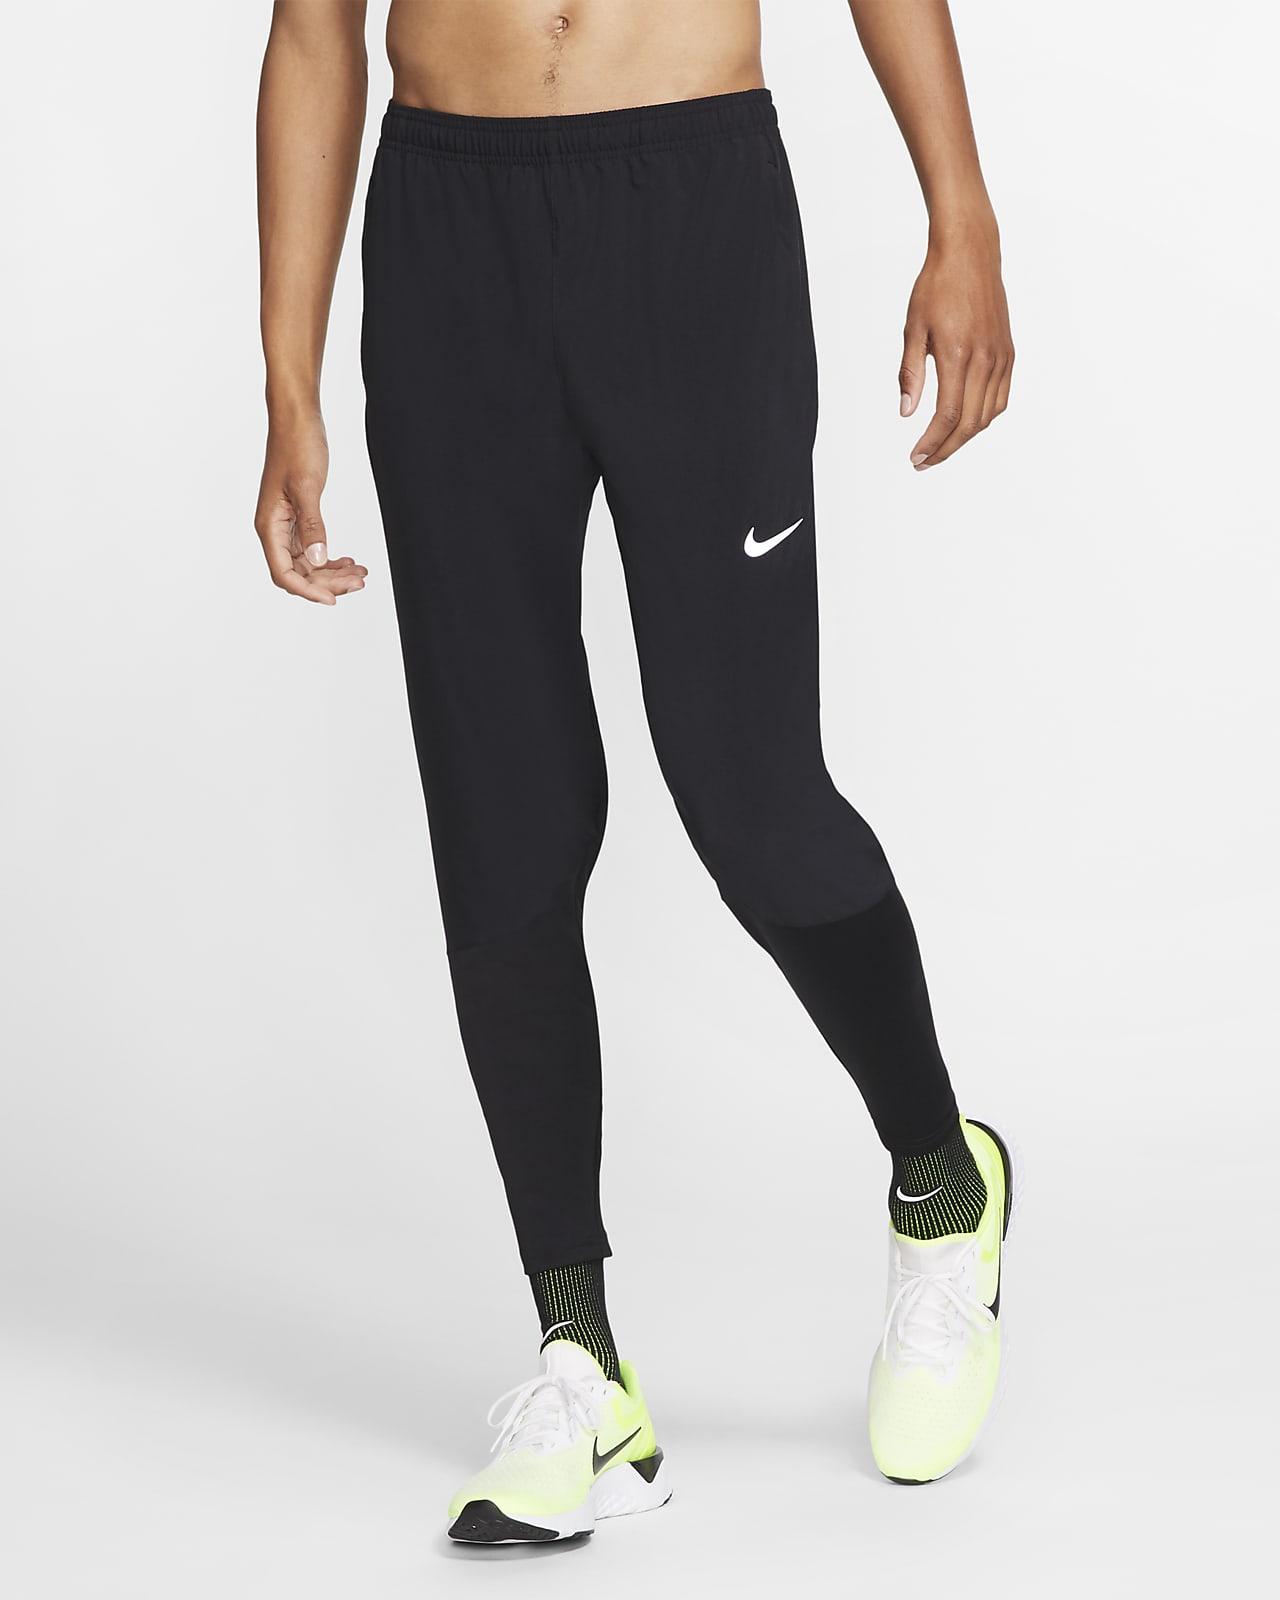 Pánské běžecké kalhoty Nike Phenom Essential